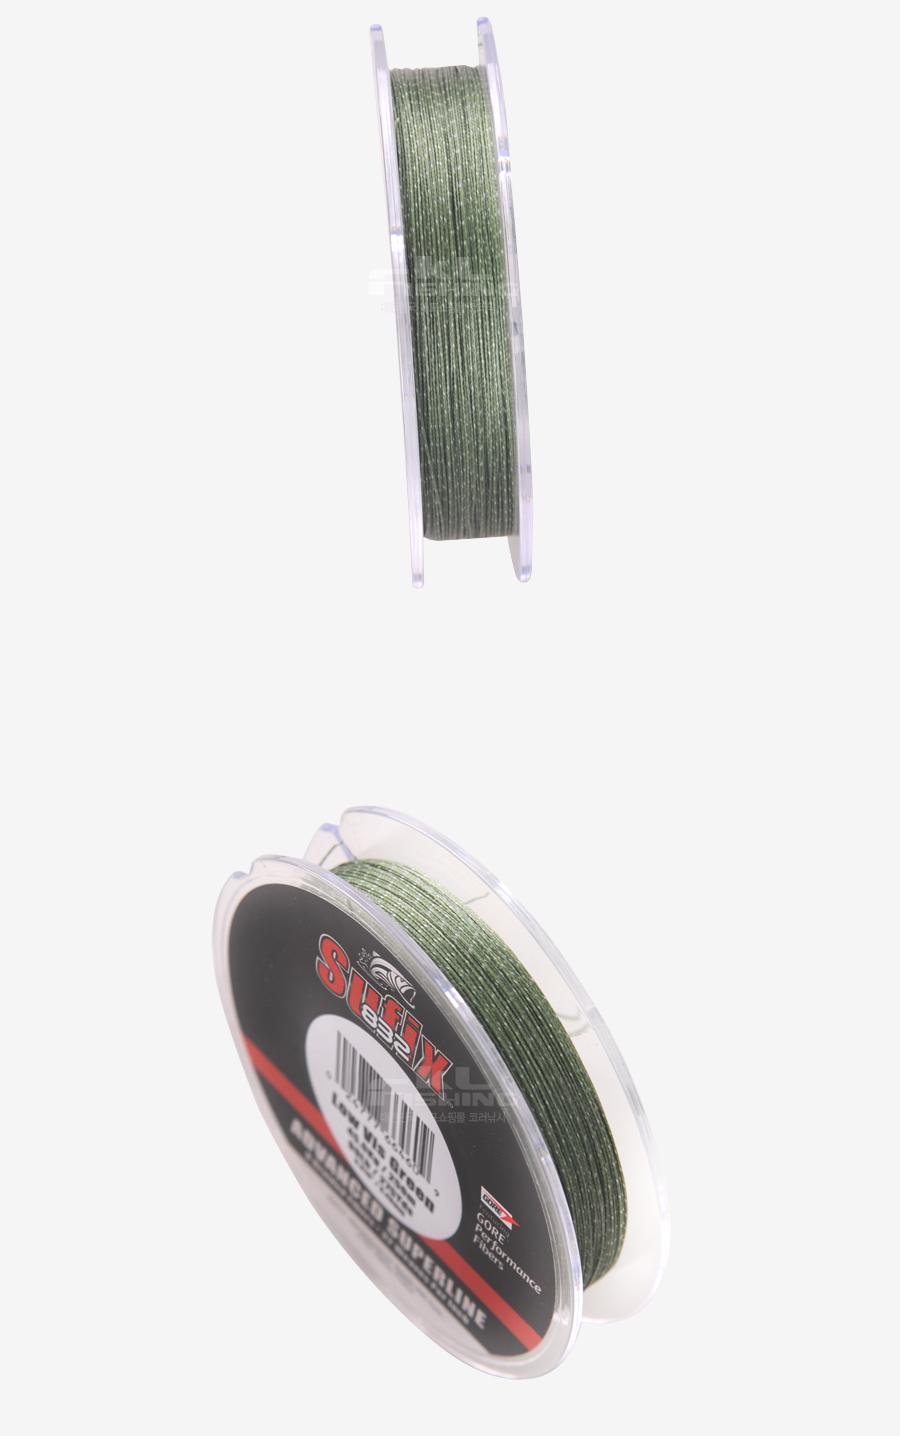 라팔라 서픽스 고어832 슈퍼 PE라인(카키) 120m, 250m 낚시줄 합사 루어합사 선상합사